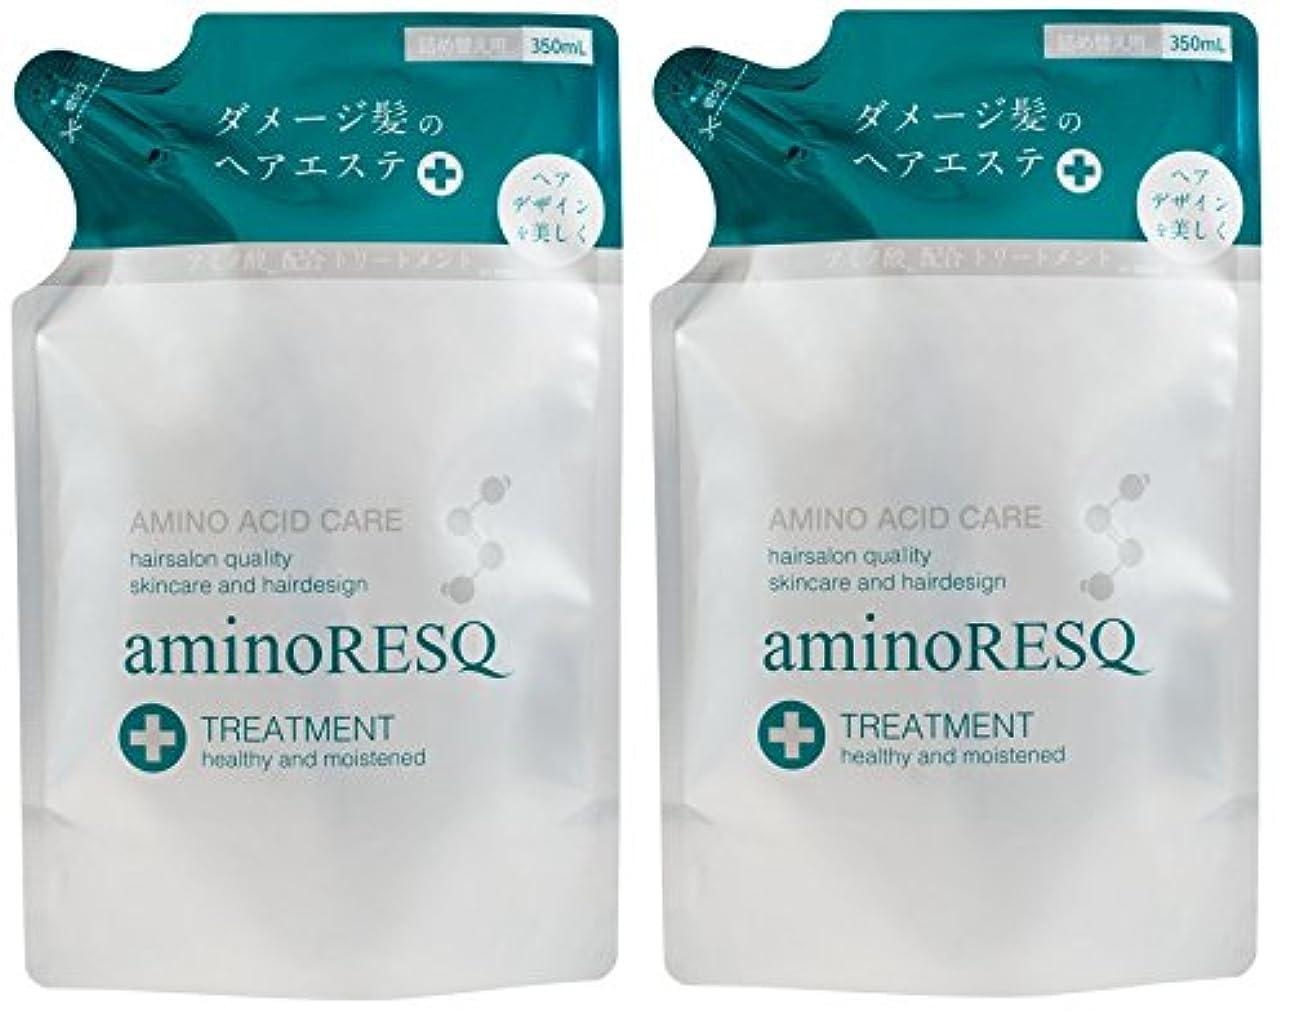 導体出くわす試す【2個セット】aminoRESQ アミノレスキュー トリートメント詰替